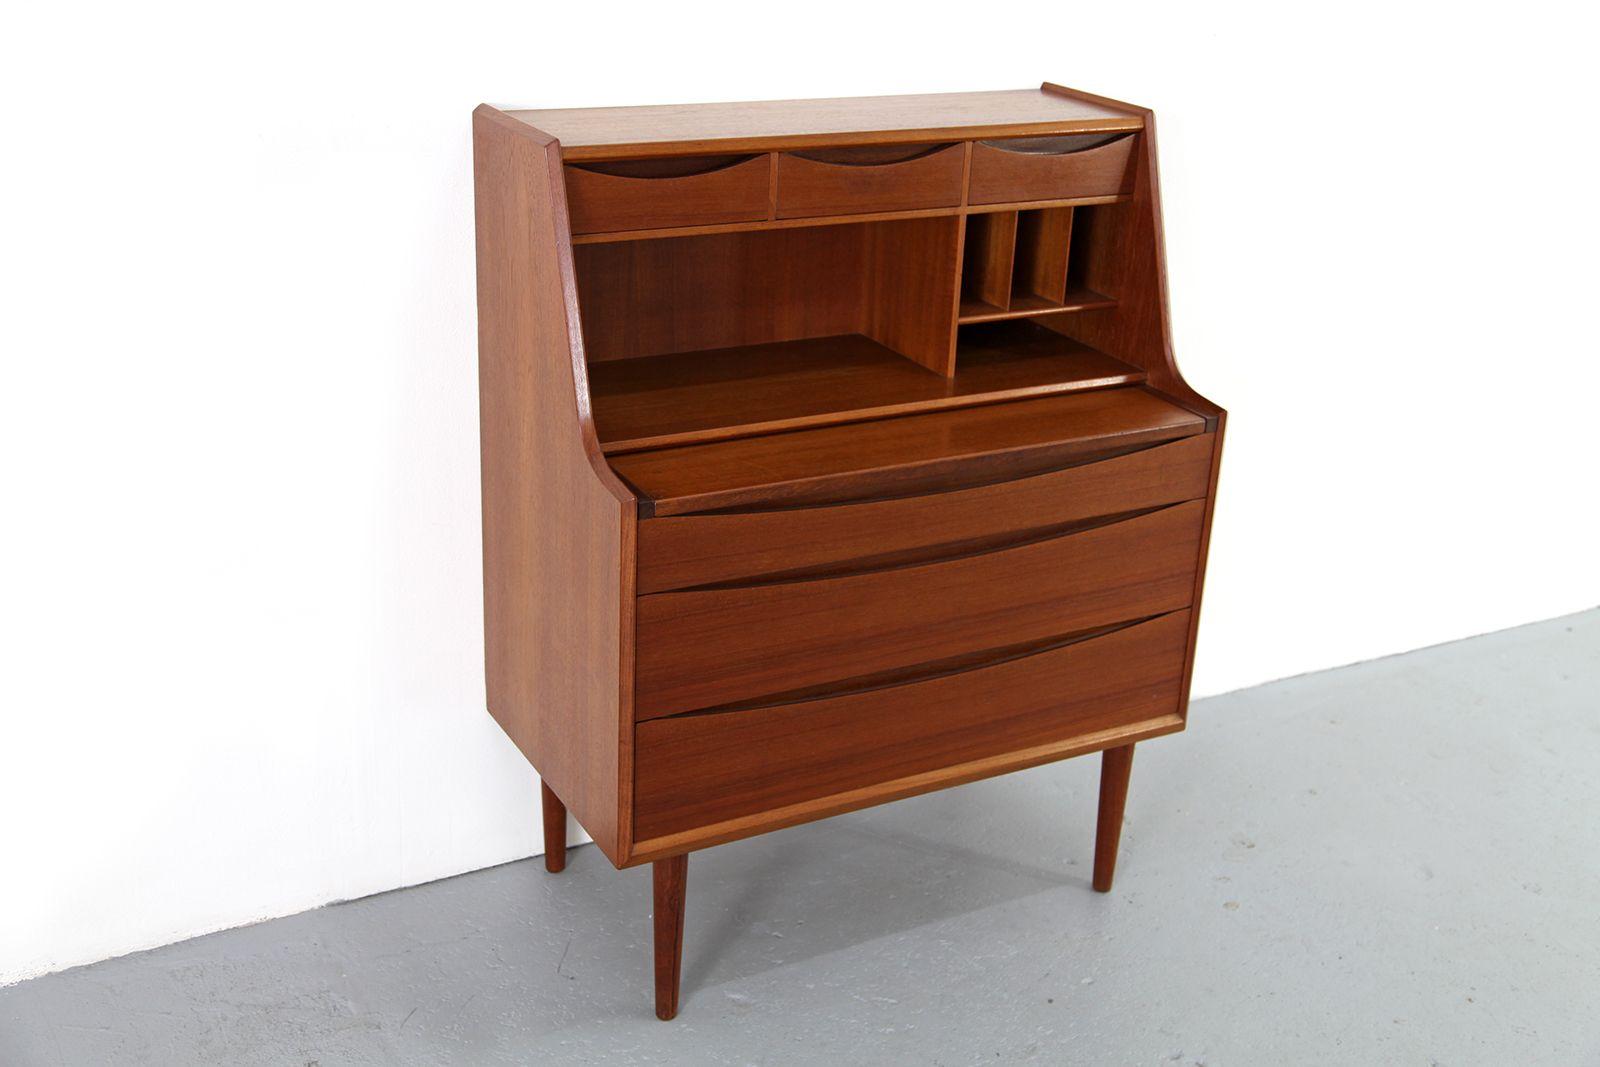 vintage teak secretaire by arne vodder for sale at pamono. Black Bedroom Furniture Sets. Home Design Ideas